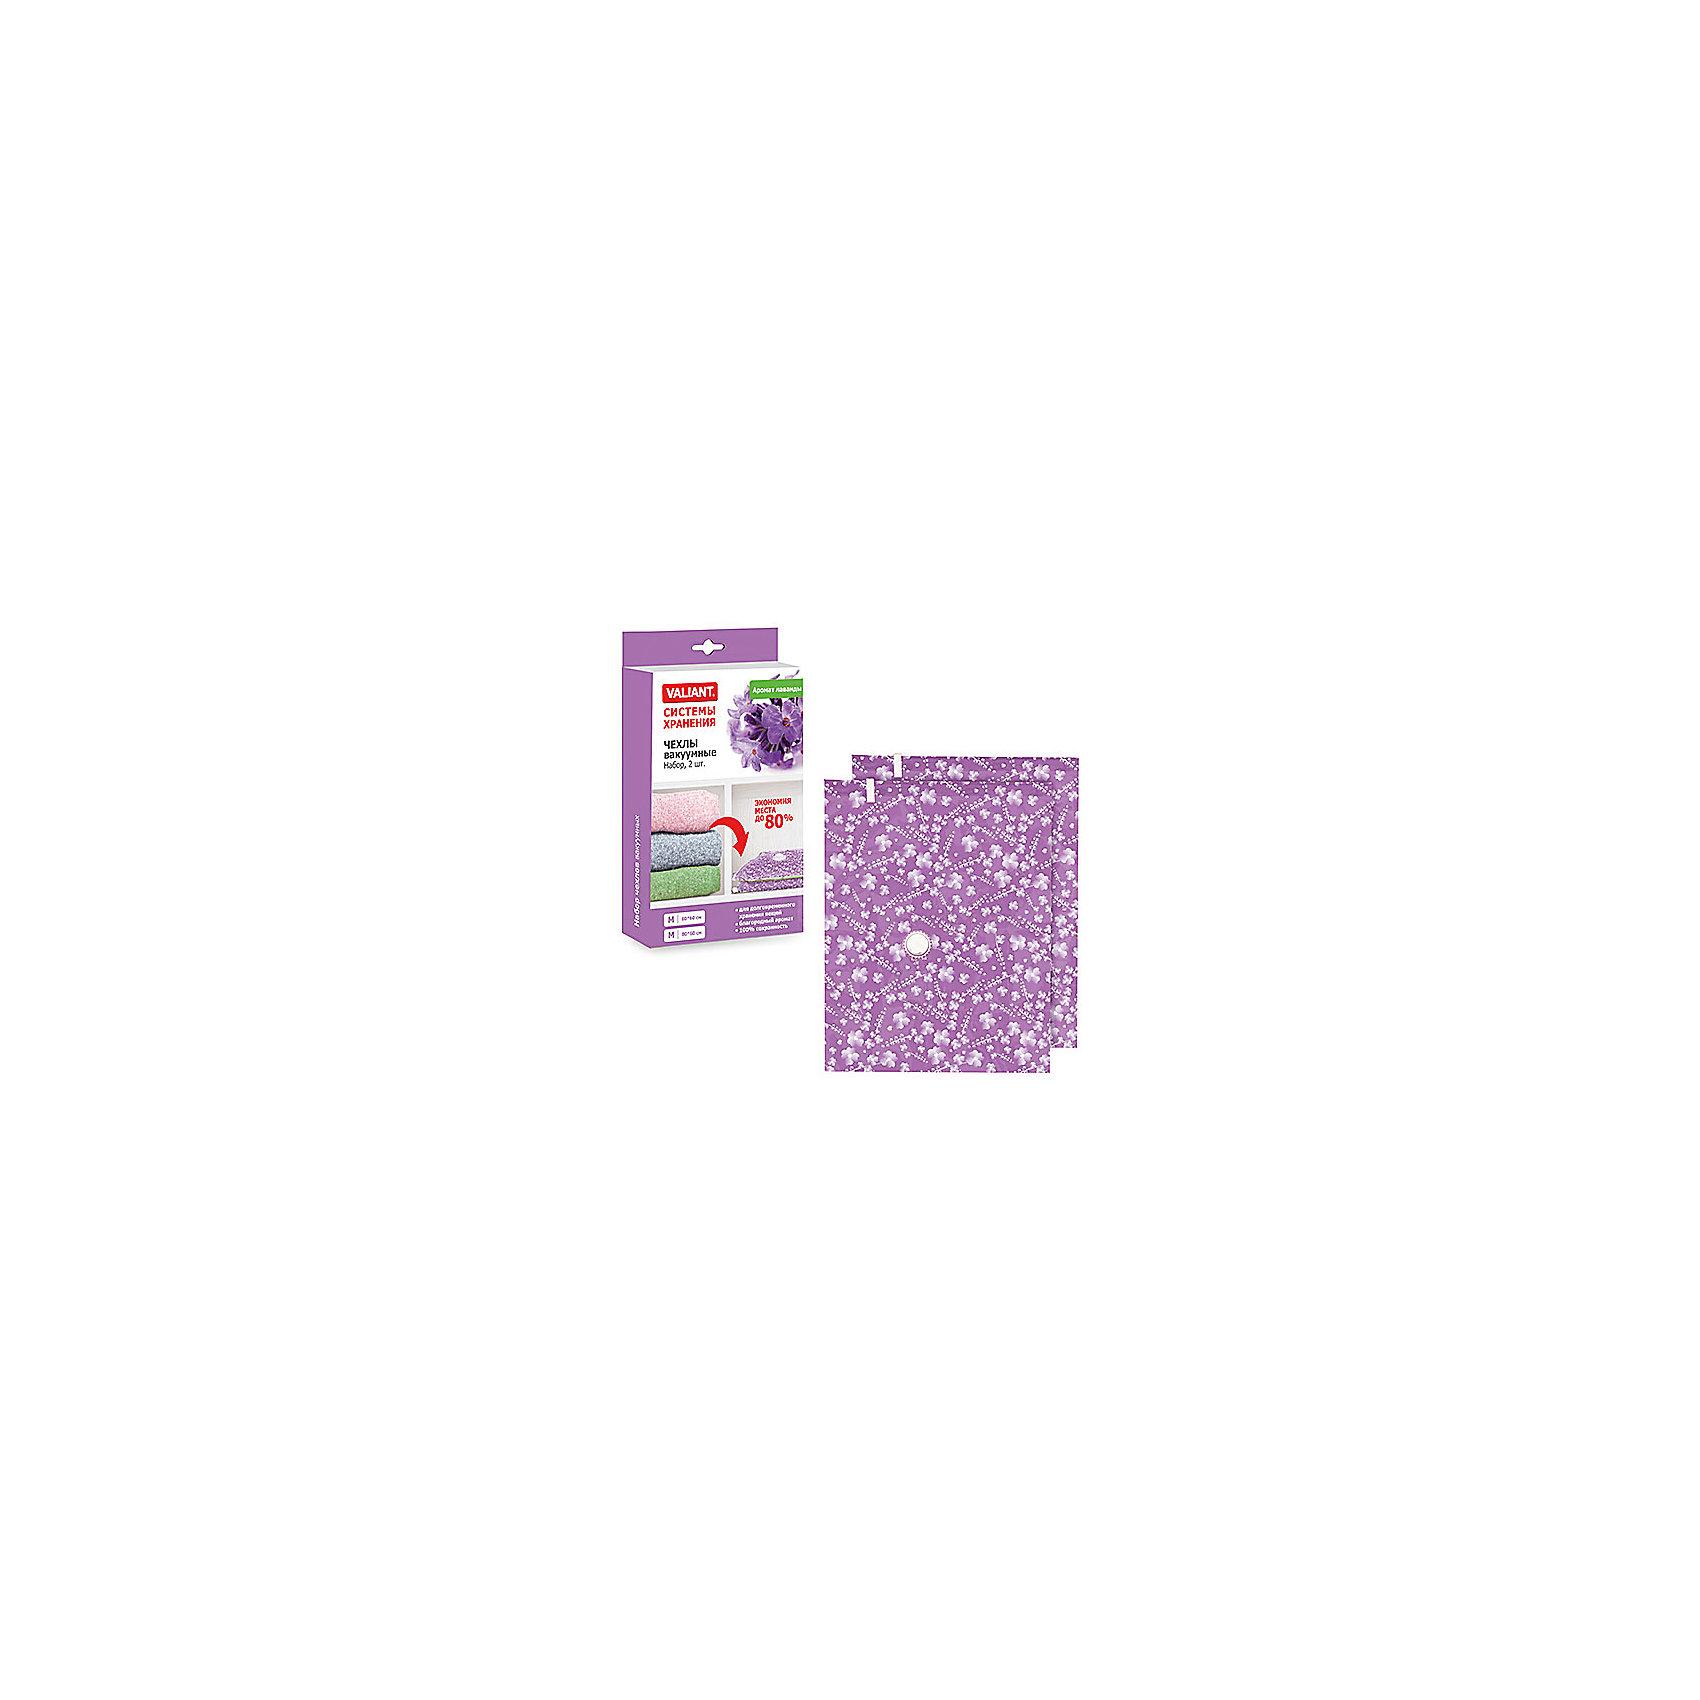 Набор цветных чехлов с клапаном для вакуумного хранения, 2 шт.,80*60 см, лаванда, ValiantПорядок в детской<br>Набор цветных чехлов с клапаном для вакуумного хранения, 2 шт.,80*60 см, лаванда, Valiant (Валиант)<br>Ароматизированные вакуумные чехлы с клапаном от Valiant (Валиант) разработаны специально для долговременного хранения и перевозки постельного белья, одежды, зимних вещей. Они отлично защитят ваши вещи от пыли, пятен, плесени, моли и других насекомых, а также от обесцвечивания и бактерий, и помогут надолго сохранить их безупречный вид. Чехлы обладают уникальной особенностью - они оформлены фирменным эксклюзивным рисунком и имеют благородный аромат лаванды, поэтому ваши вещи будут приятно пахнуть даже после длительного хранения. Чехлы изготовлены из полиэтилена высокой плотности: толщина плёнки – 0,8 микрометров. Упаковывать вещи в вакуумные чехлы можно с помощью пылесоса или портативного насоса. Вещи сжимаются в объеме на 80%, полностью сохраняя свое качество.<br><br>Дополнительная информация:<br><br>- В комплекте: 2 шт<br>- Размер: 80х60 см.<br>- Отверстие клапана: 2,7 см.<br>- Материал: полиэтилен<br>- Закрываются на замок zip-lock<br>- Не подходят для изделий из меха и кожи<br><br>Набор цветных чехлов с клапаном для вакуумного хранения, 2 шт.,80*60 см, лаванда, Valiant (Валиант) можно купить в нашем интернет-магазине.<br><br>Ширина мм: 180<br>Глубина мм: 50<br>Высота мм: 295<br>Вес г: 112<br>Возраст от месяцев: 36<br>Возраст до месяцев: 1080<br>Пол: Унисекс<br>Возраст: Детский<br>SKU: 4993449